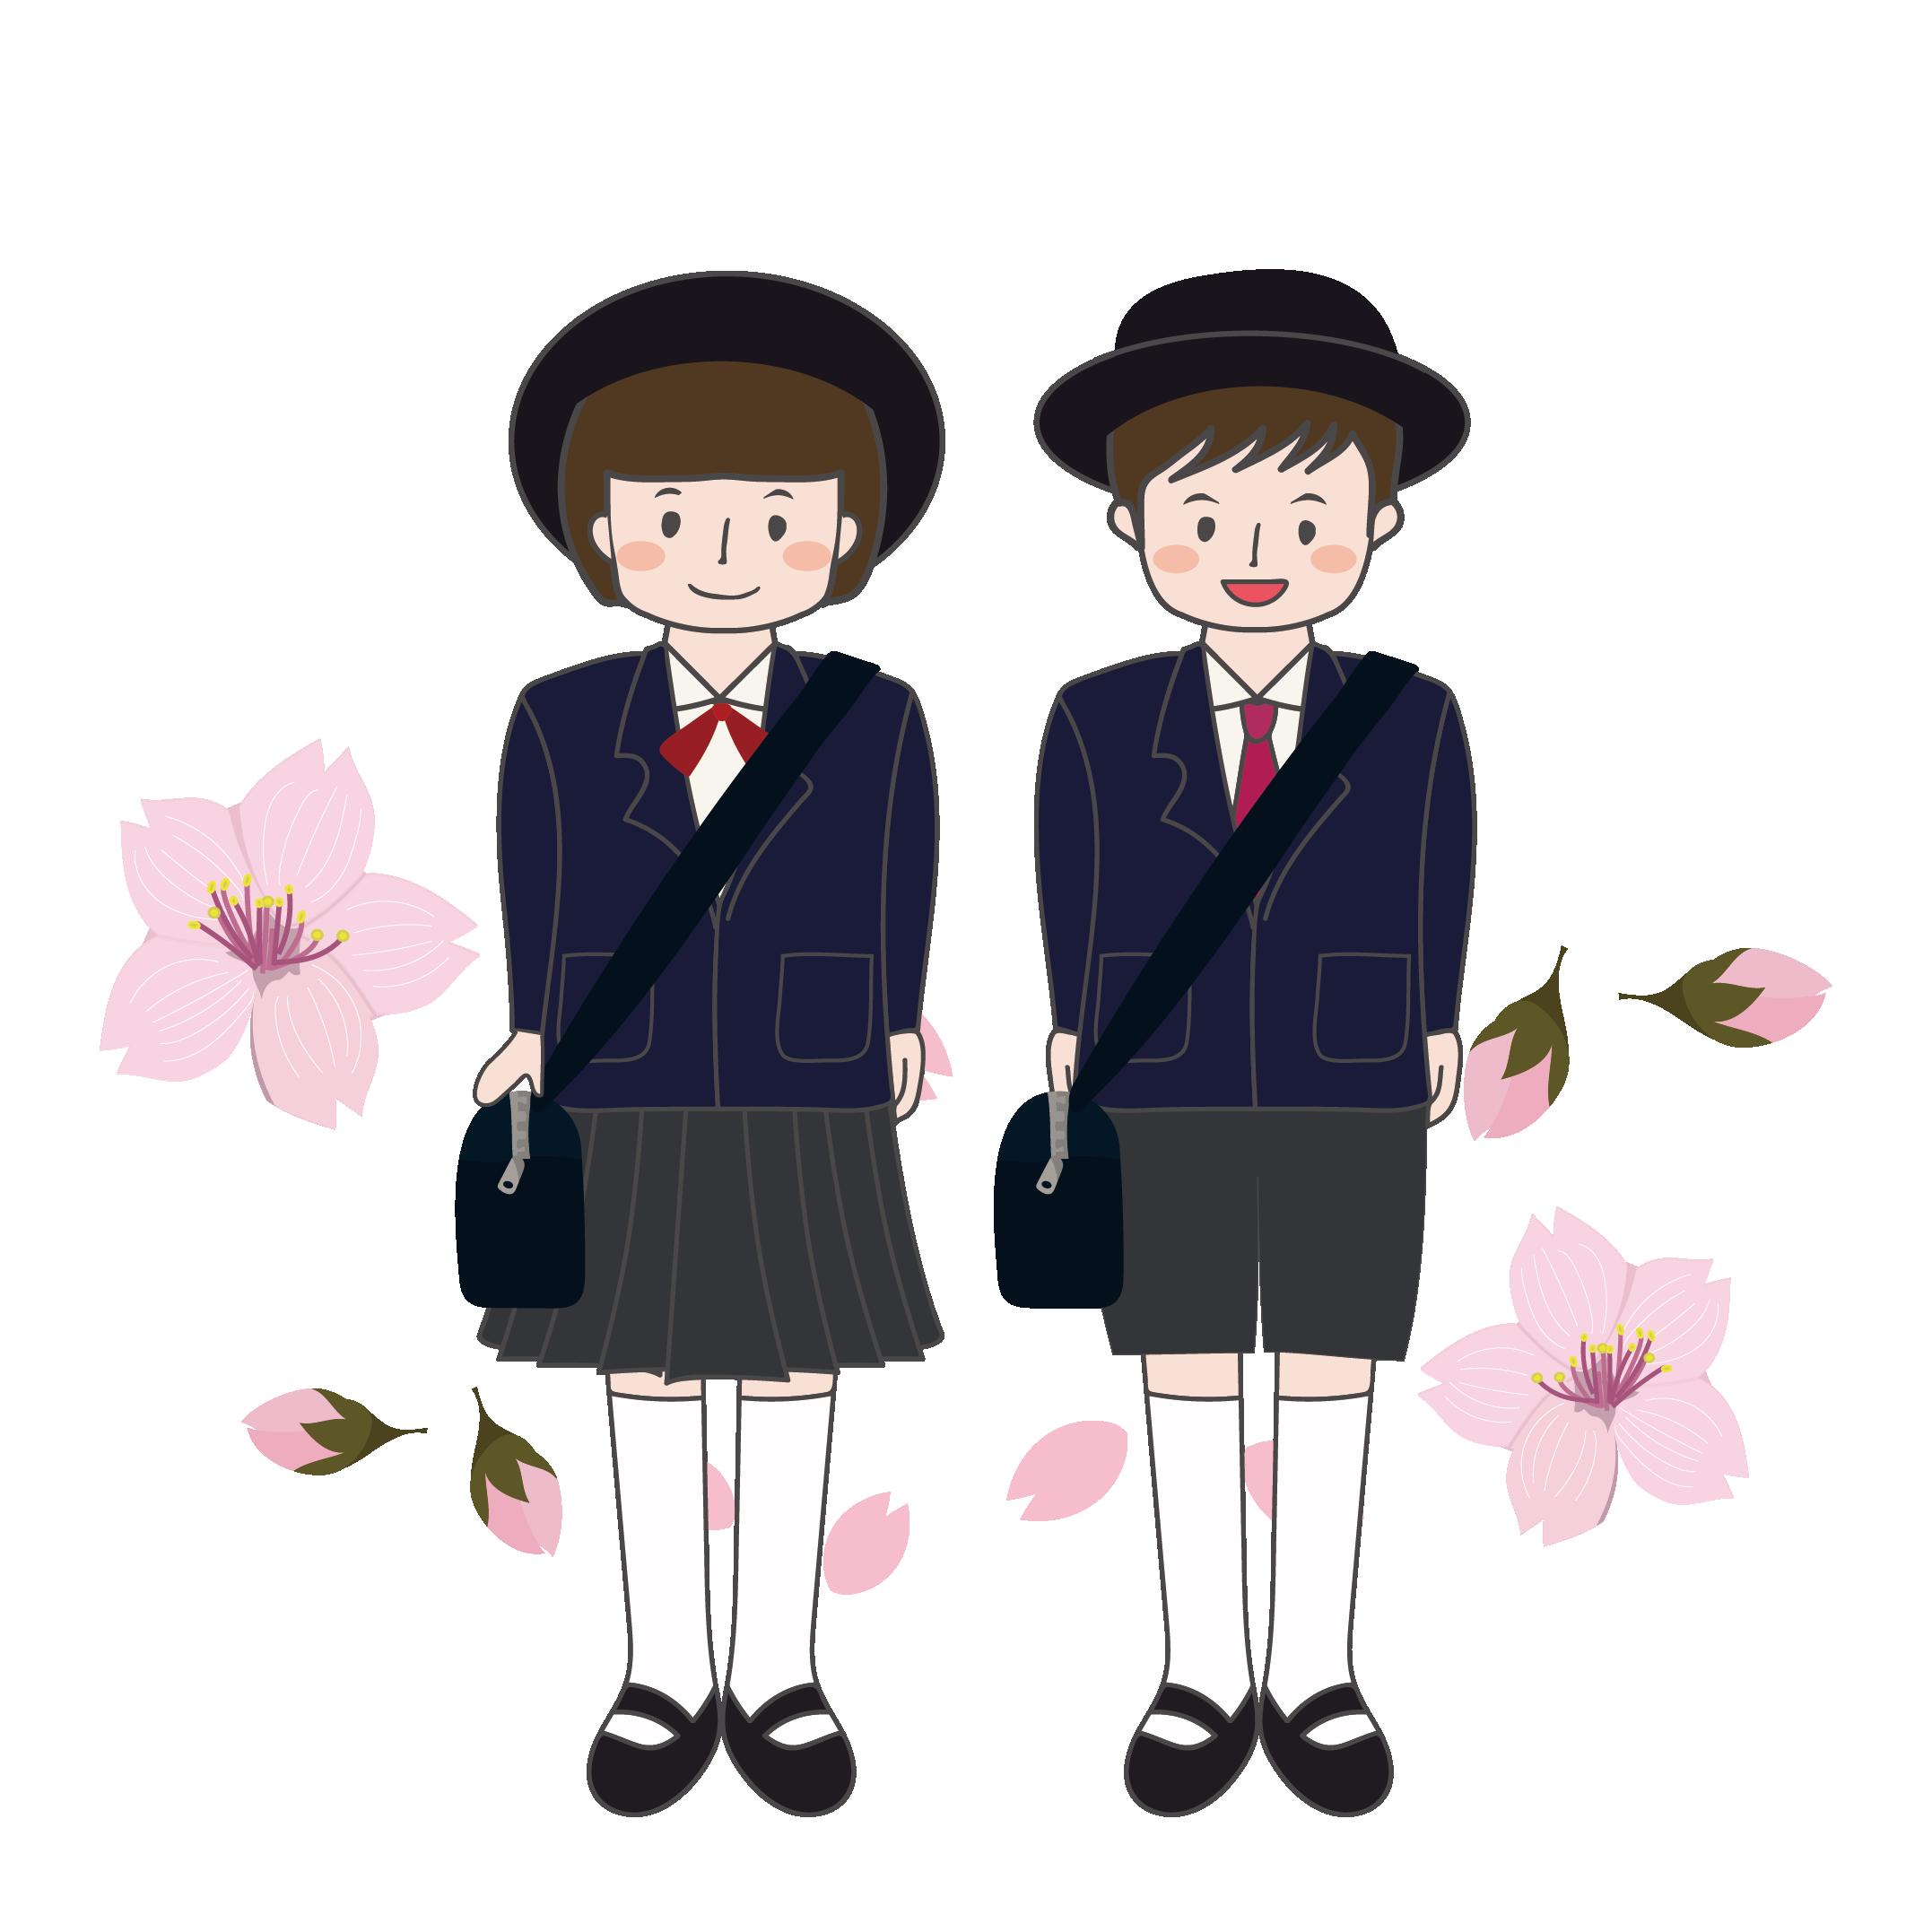 入園式!幼稚園児(男の子,女の子)と桜のイラスト! | 商用フリー